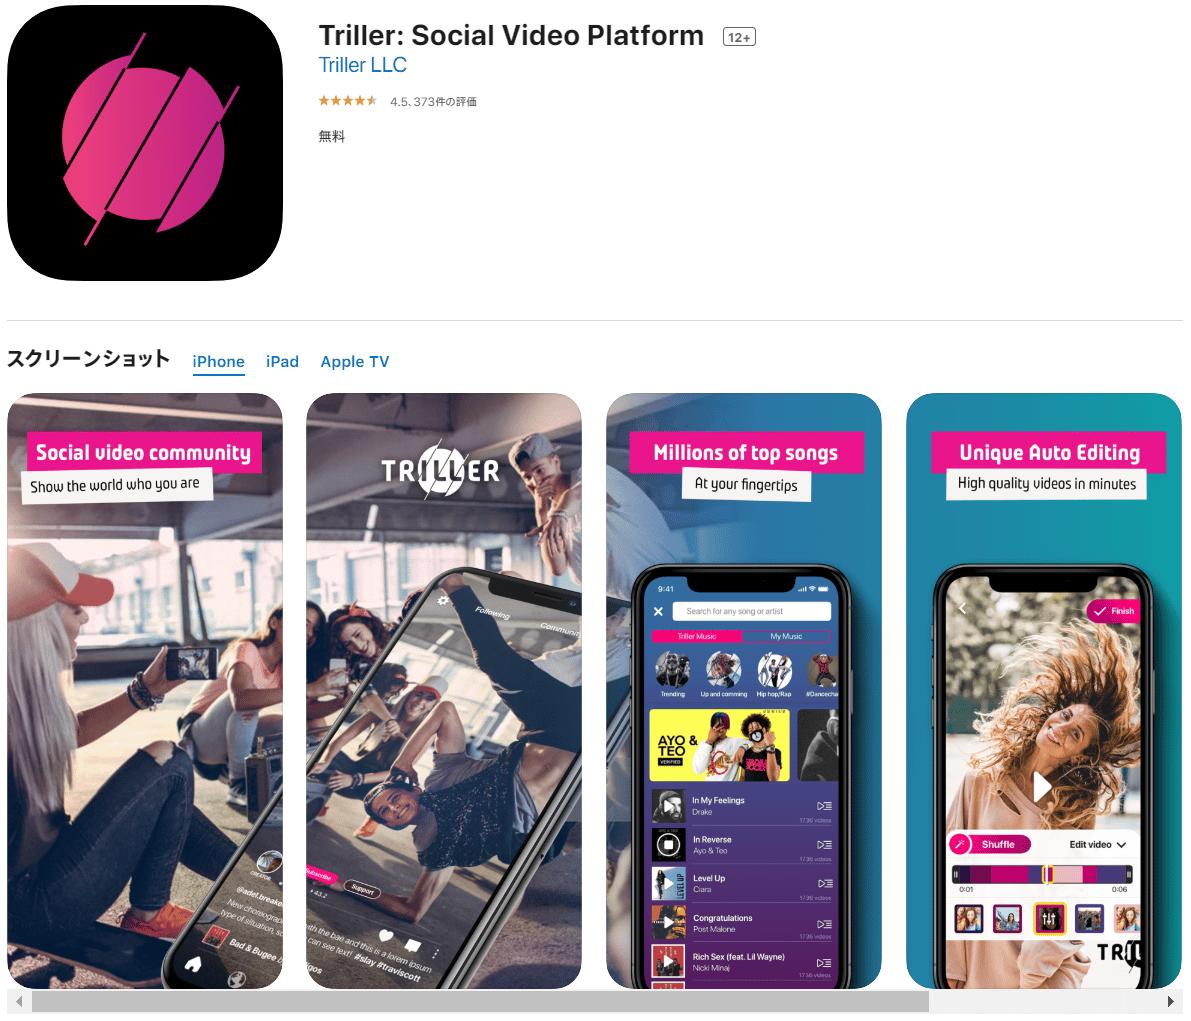 おすすめのアプリ1:Triller フィルムメーカー